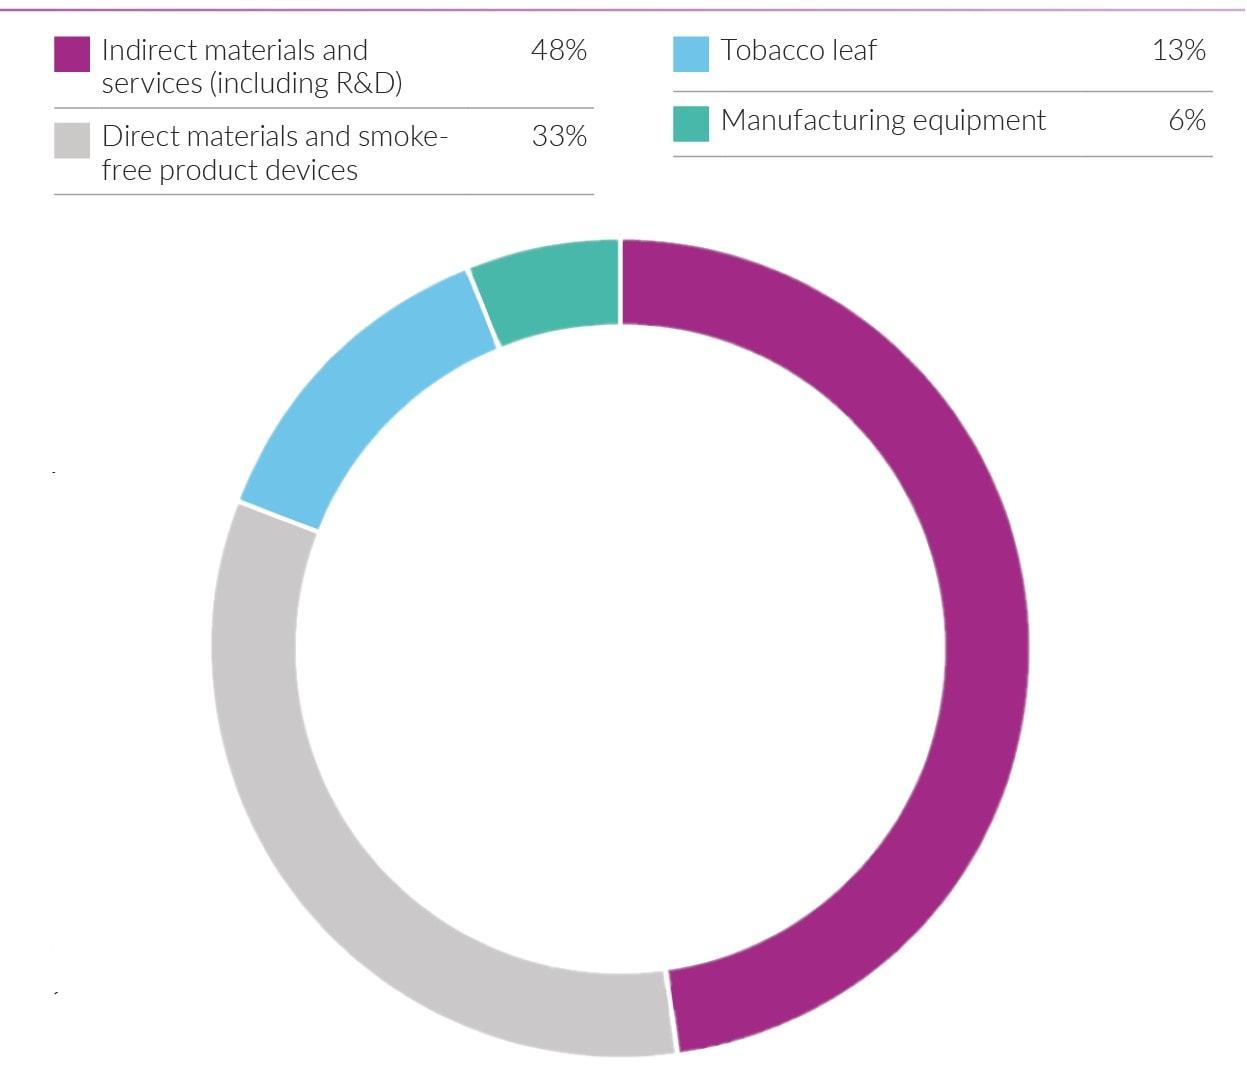 PMI Supply chain spend 2019